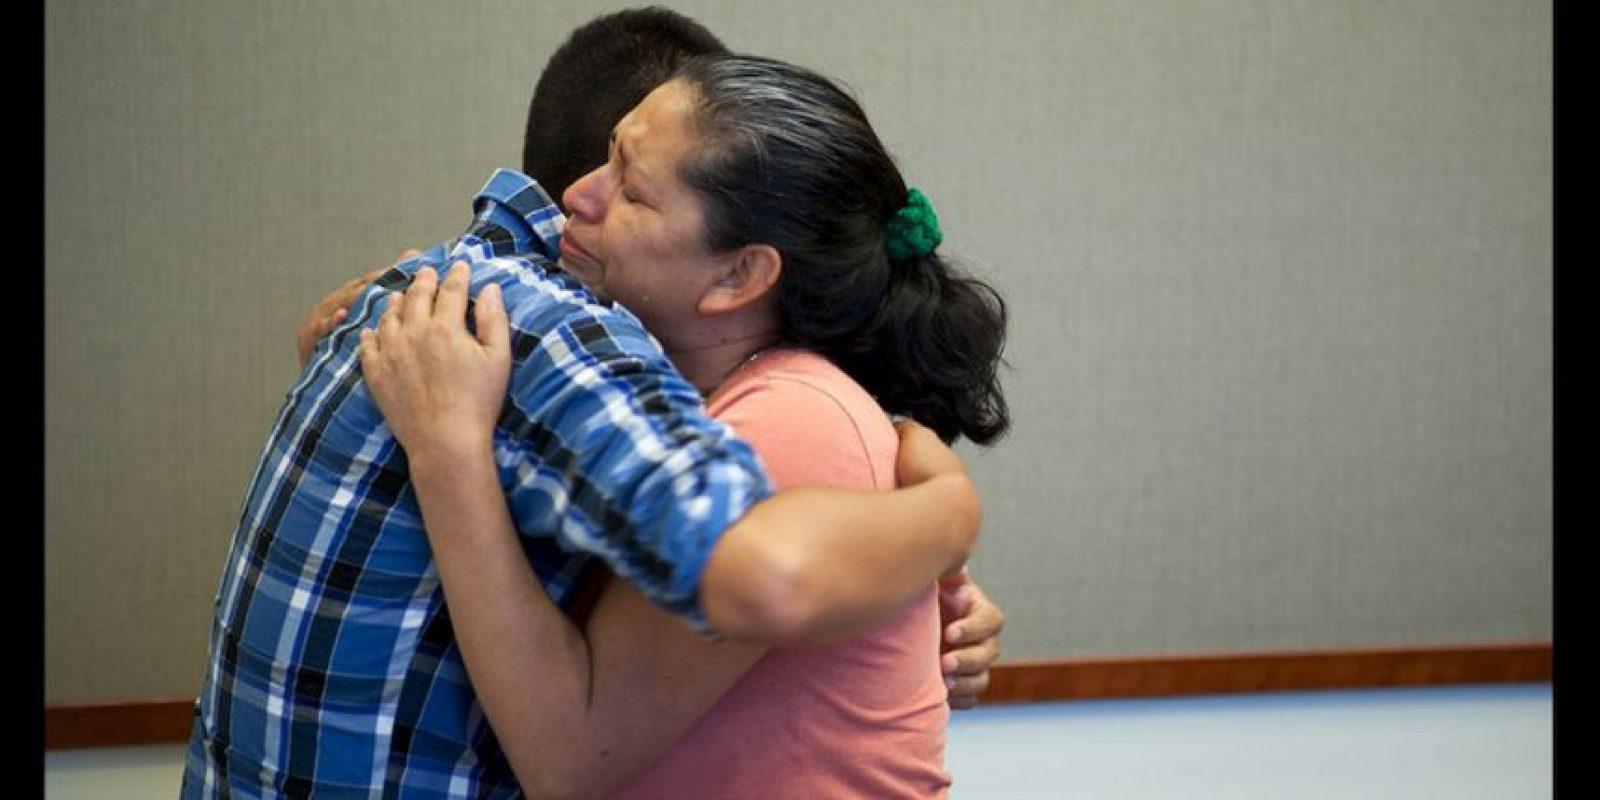 Durante 20 años su madre María Mancia lo buscó incansablemnte. Foto:Oficina del Fiscal de Distrito del Condado de San Bernardino